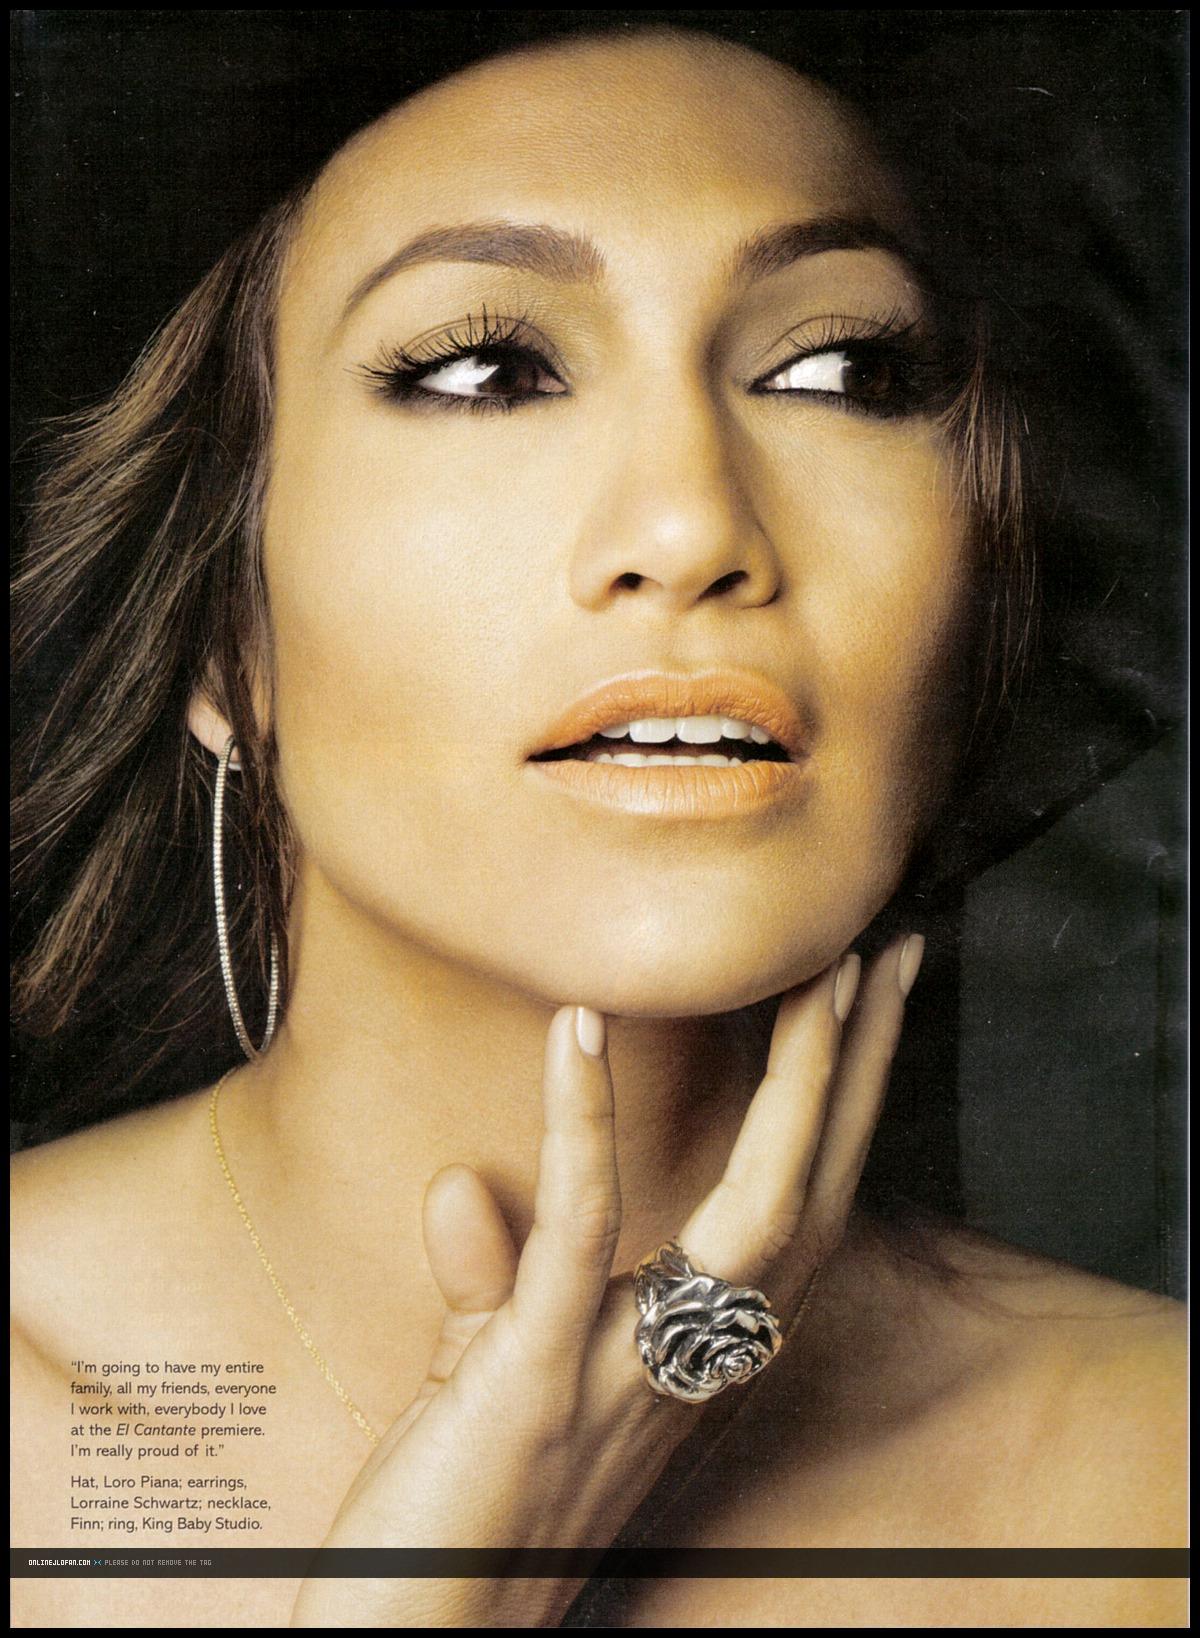 Дженнифер Лопес/Jennifer Lopez - Страница 5 Glamjlo_03